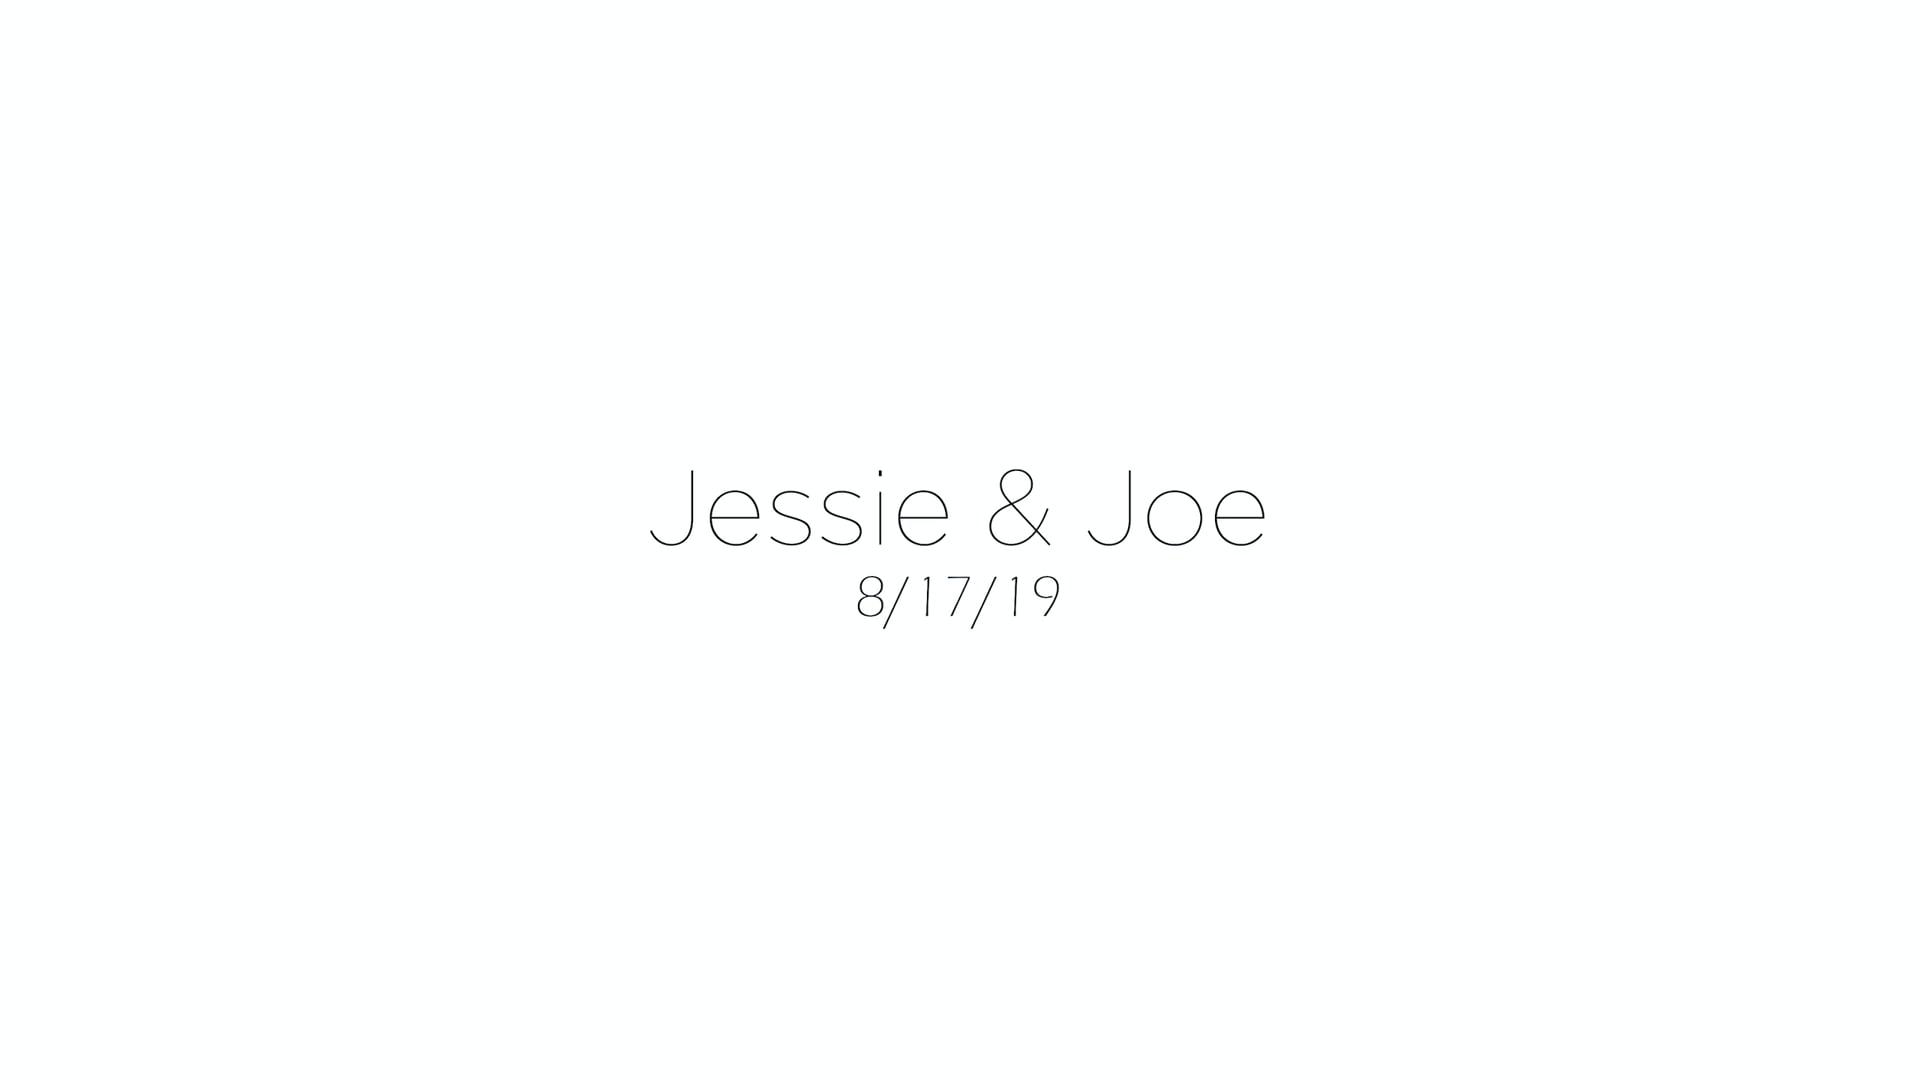 Jessie and Joe